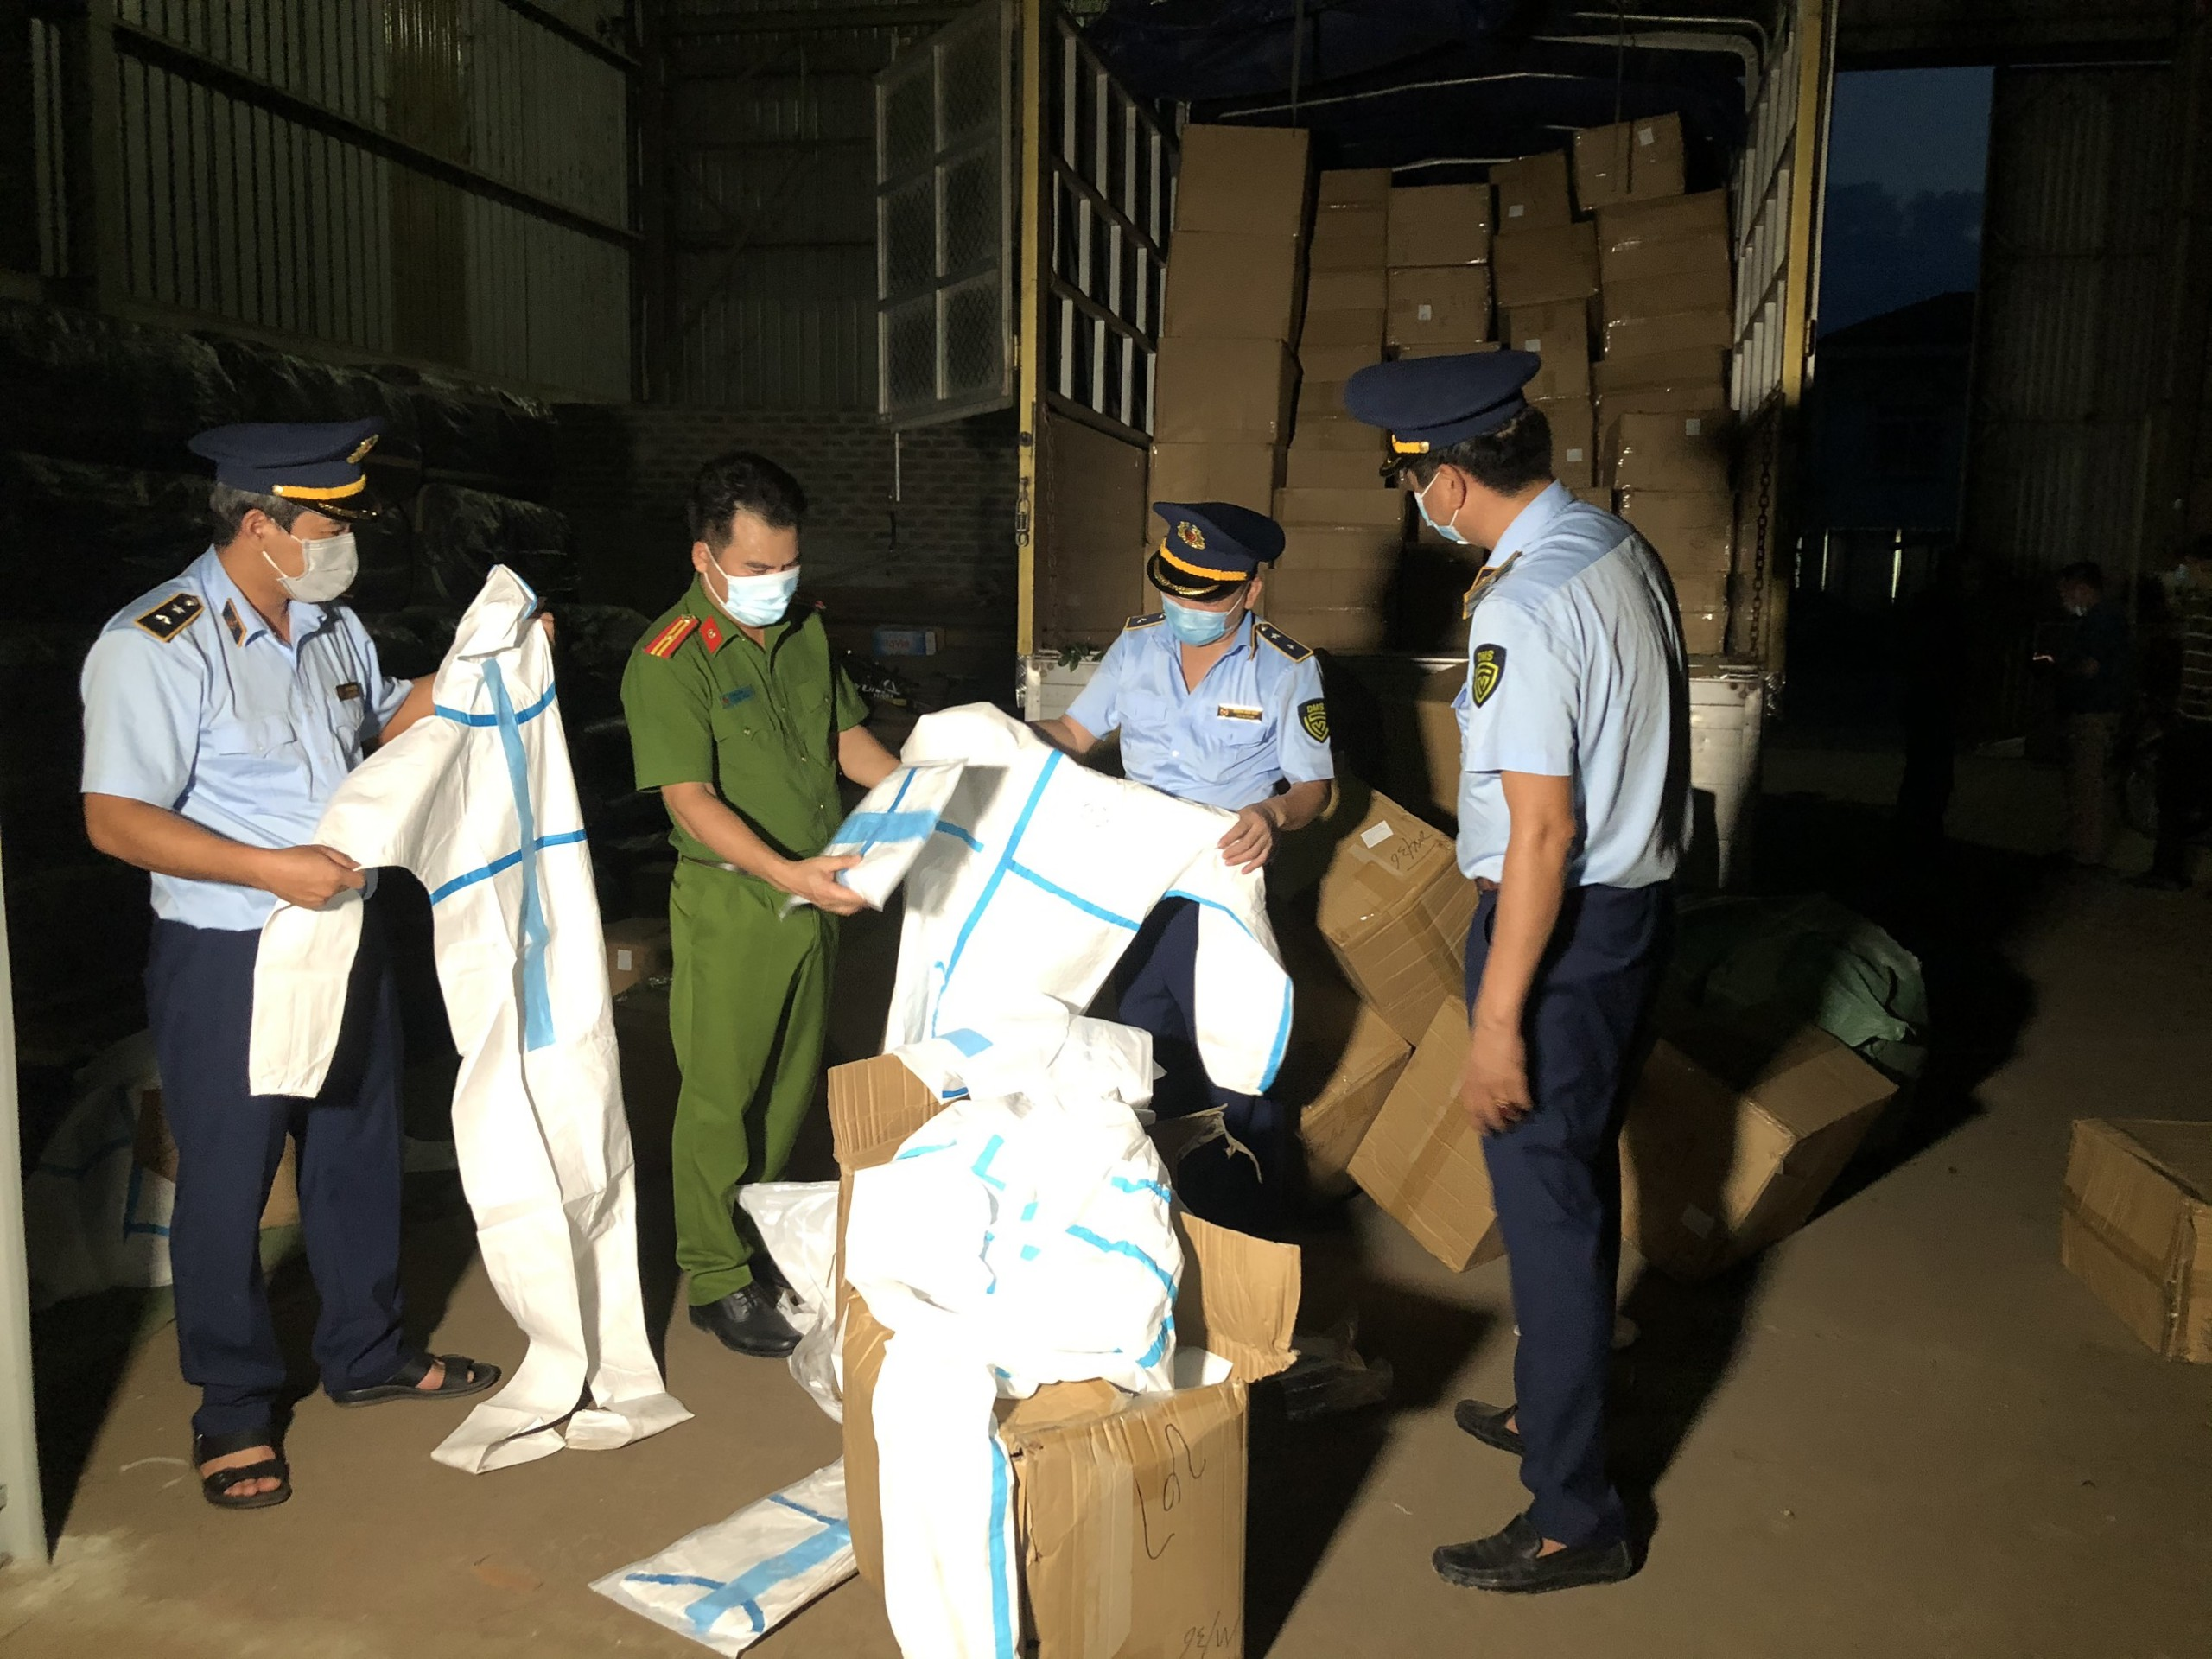 Lào Cai: Ngăn chặn kịp thời 8.310 bộ quần áo bảo hộ y tế không rõ nguồn gốc xuất xứ đang chuẩn bị đi tiêu thụ